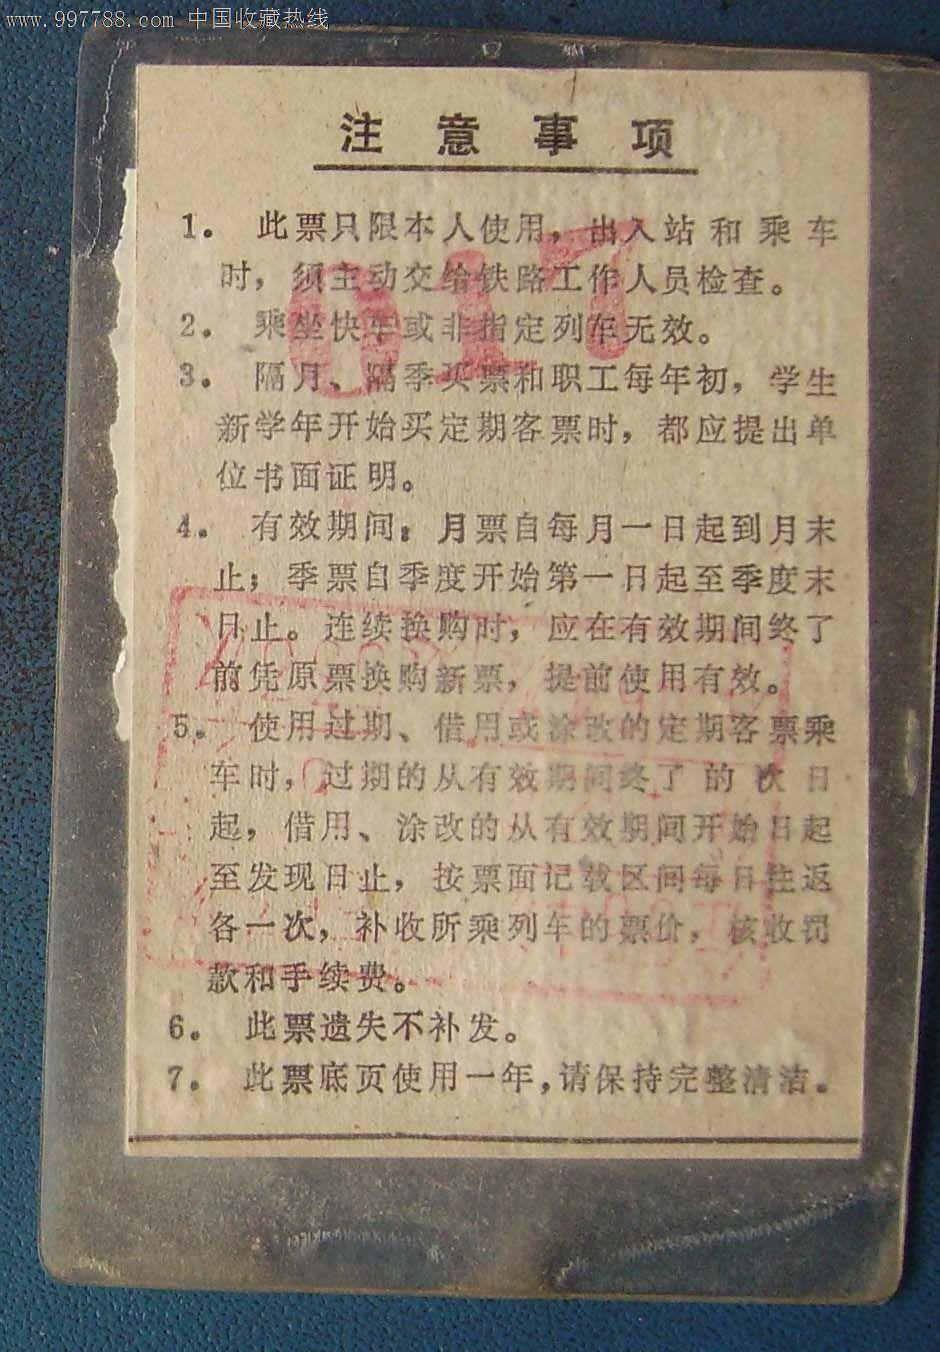 沈阳铁路局 苏家屯 沈阳.月票.91年2月. 15.0000元 se12761725 7788收藏